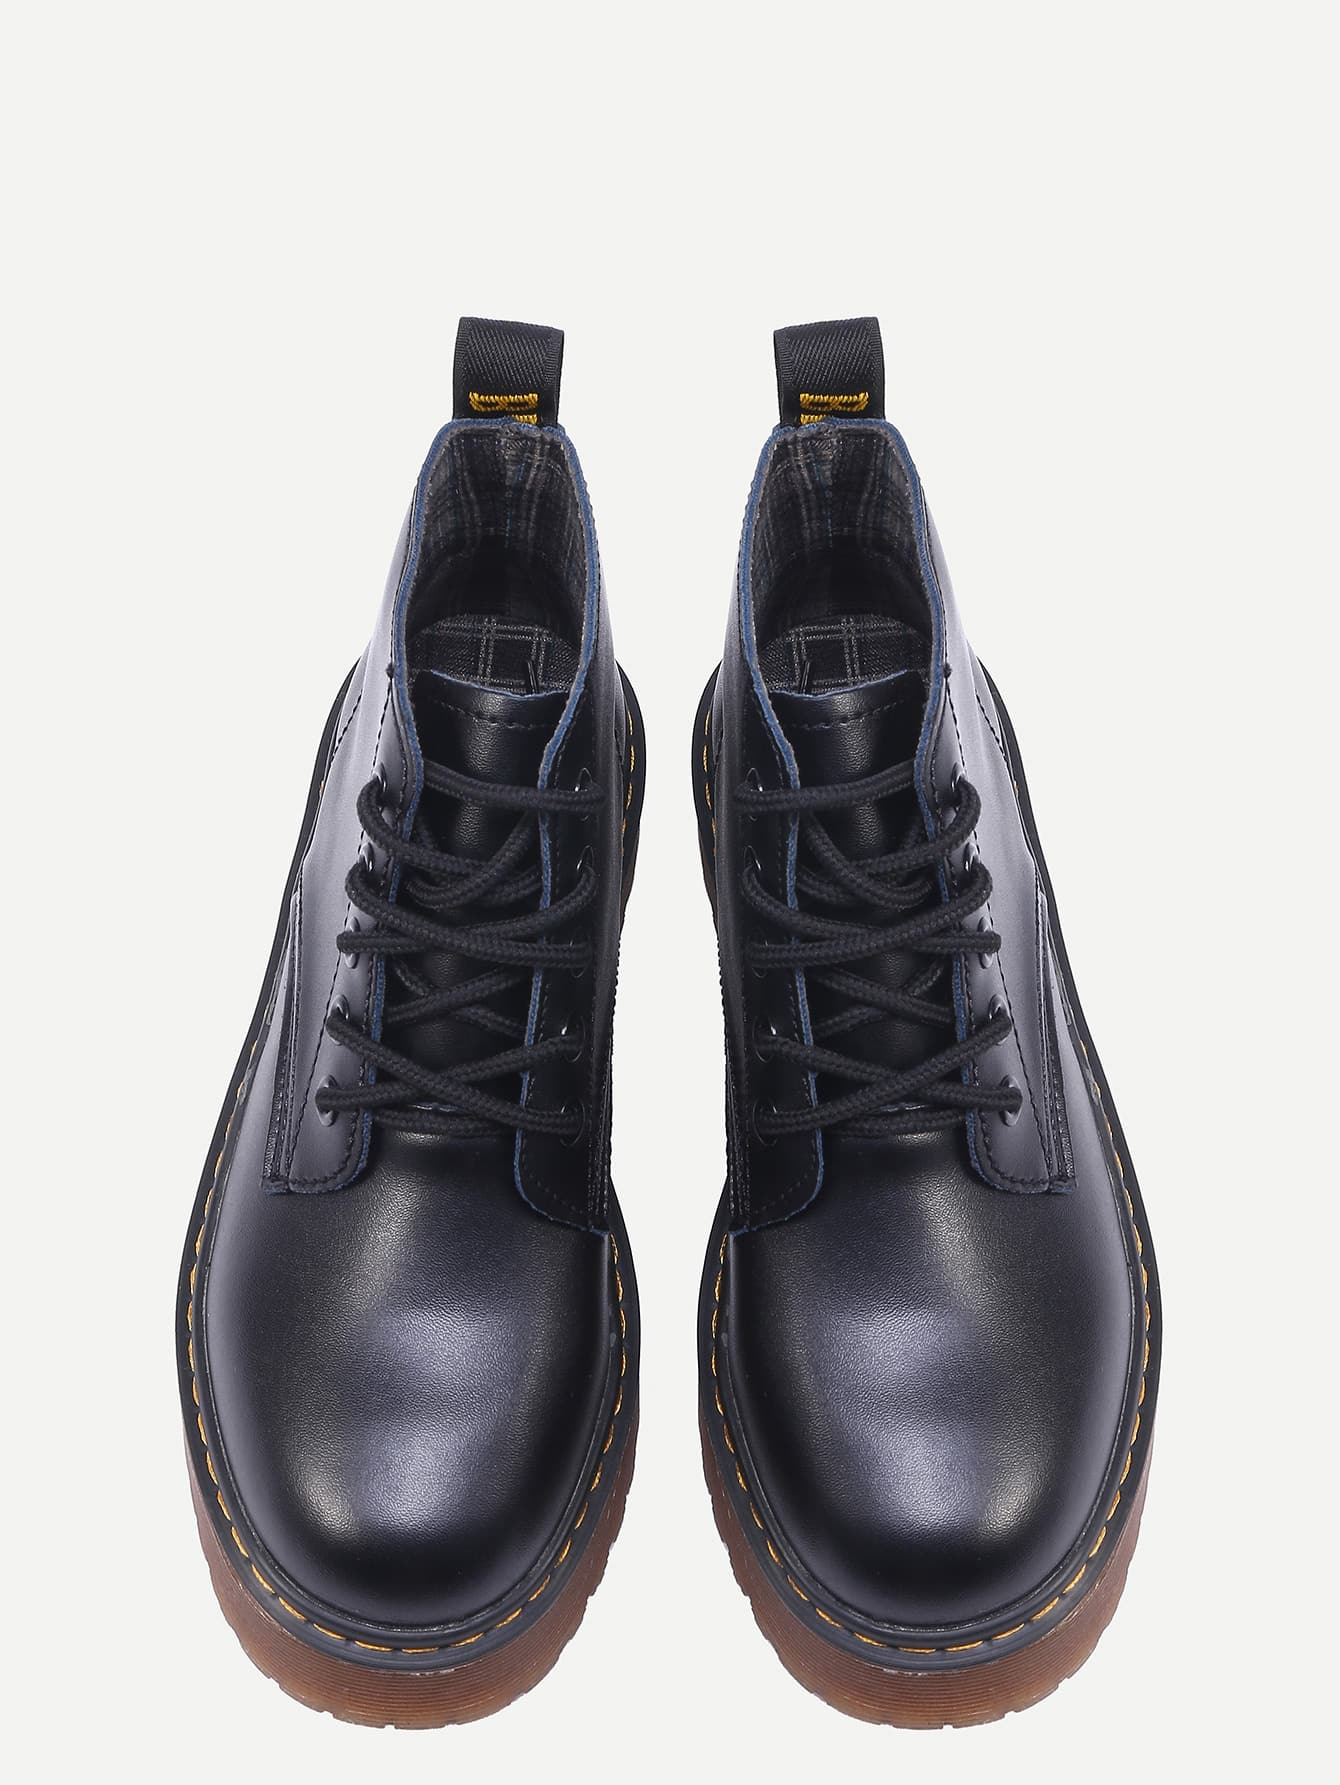 shoes160727804_2